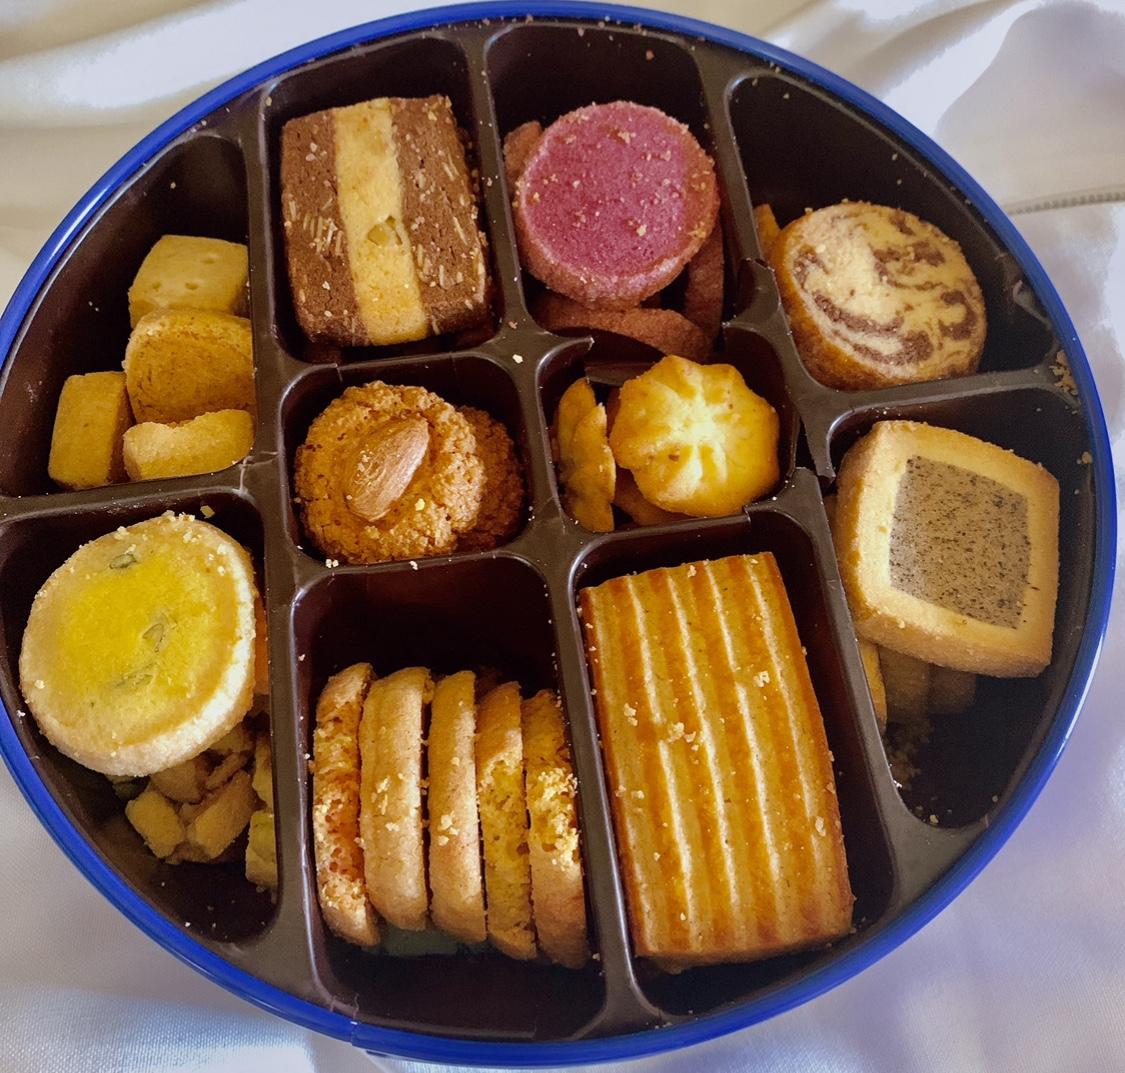 【奈良】 長年愛されてきた『奈良ホテルのクッキー缶』がリニューアル!【お土産・おもたせ】_2